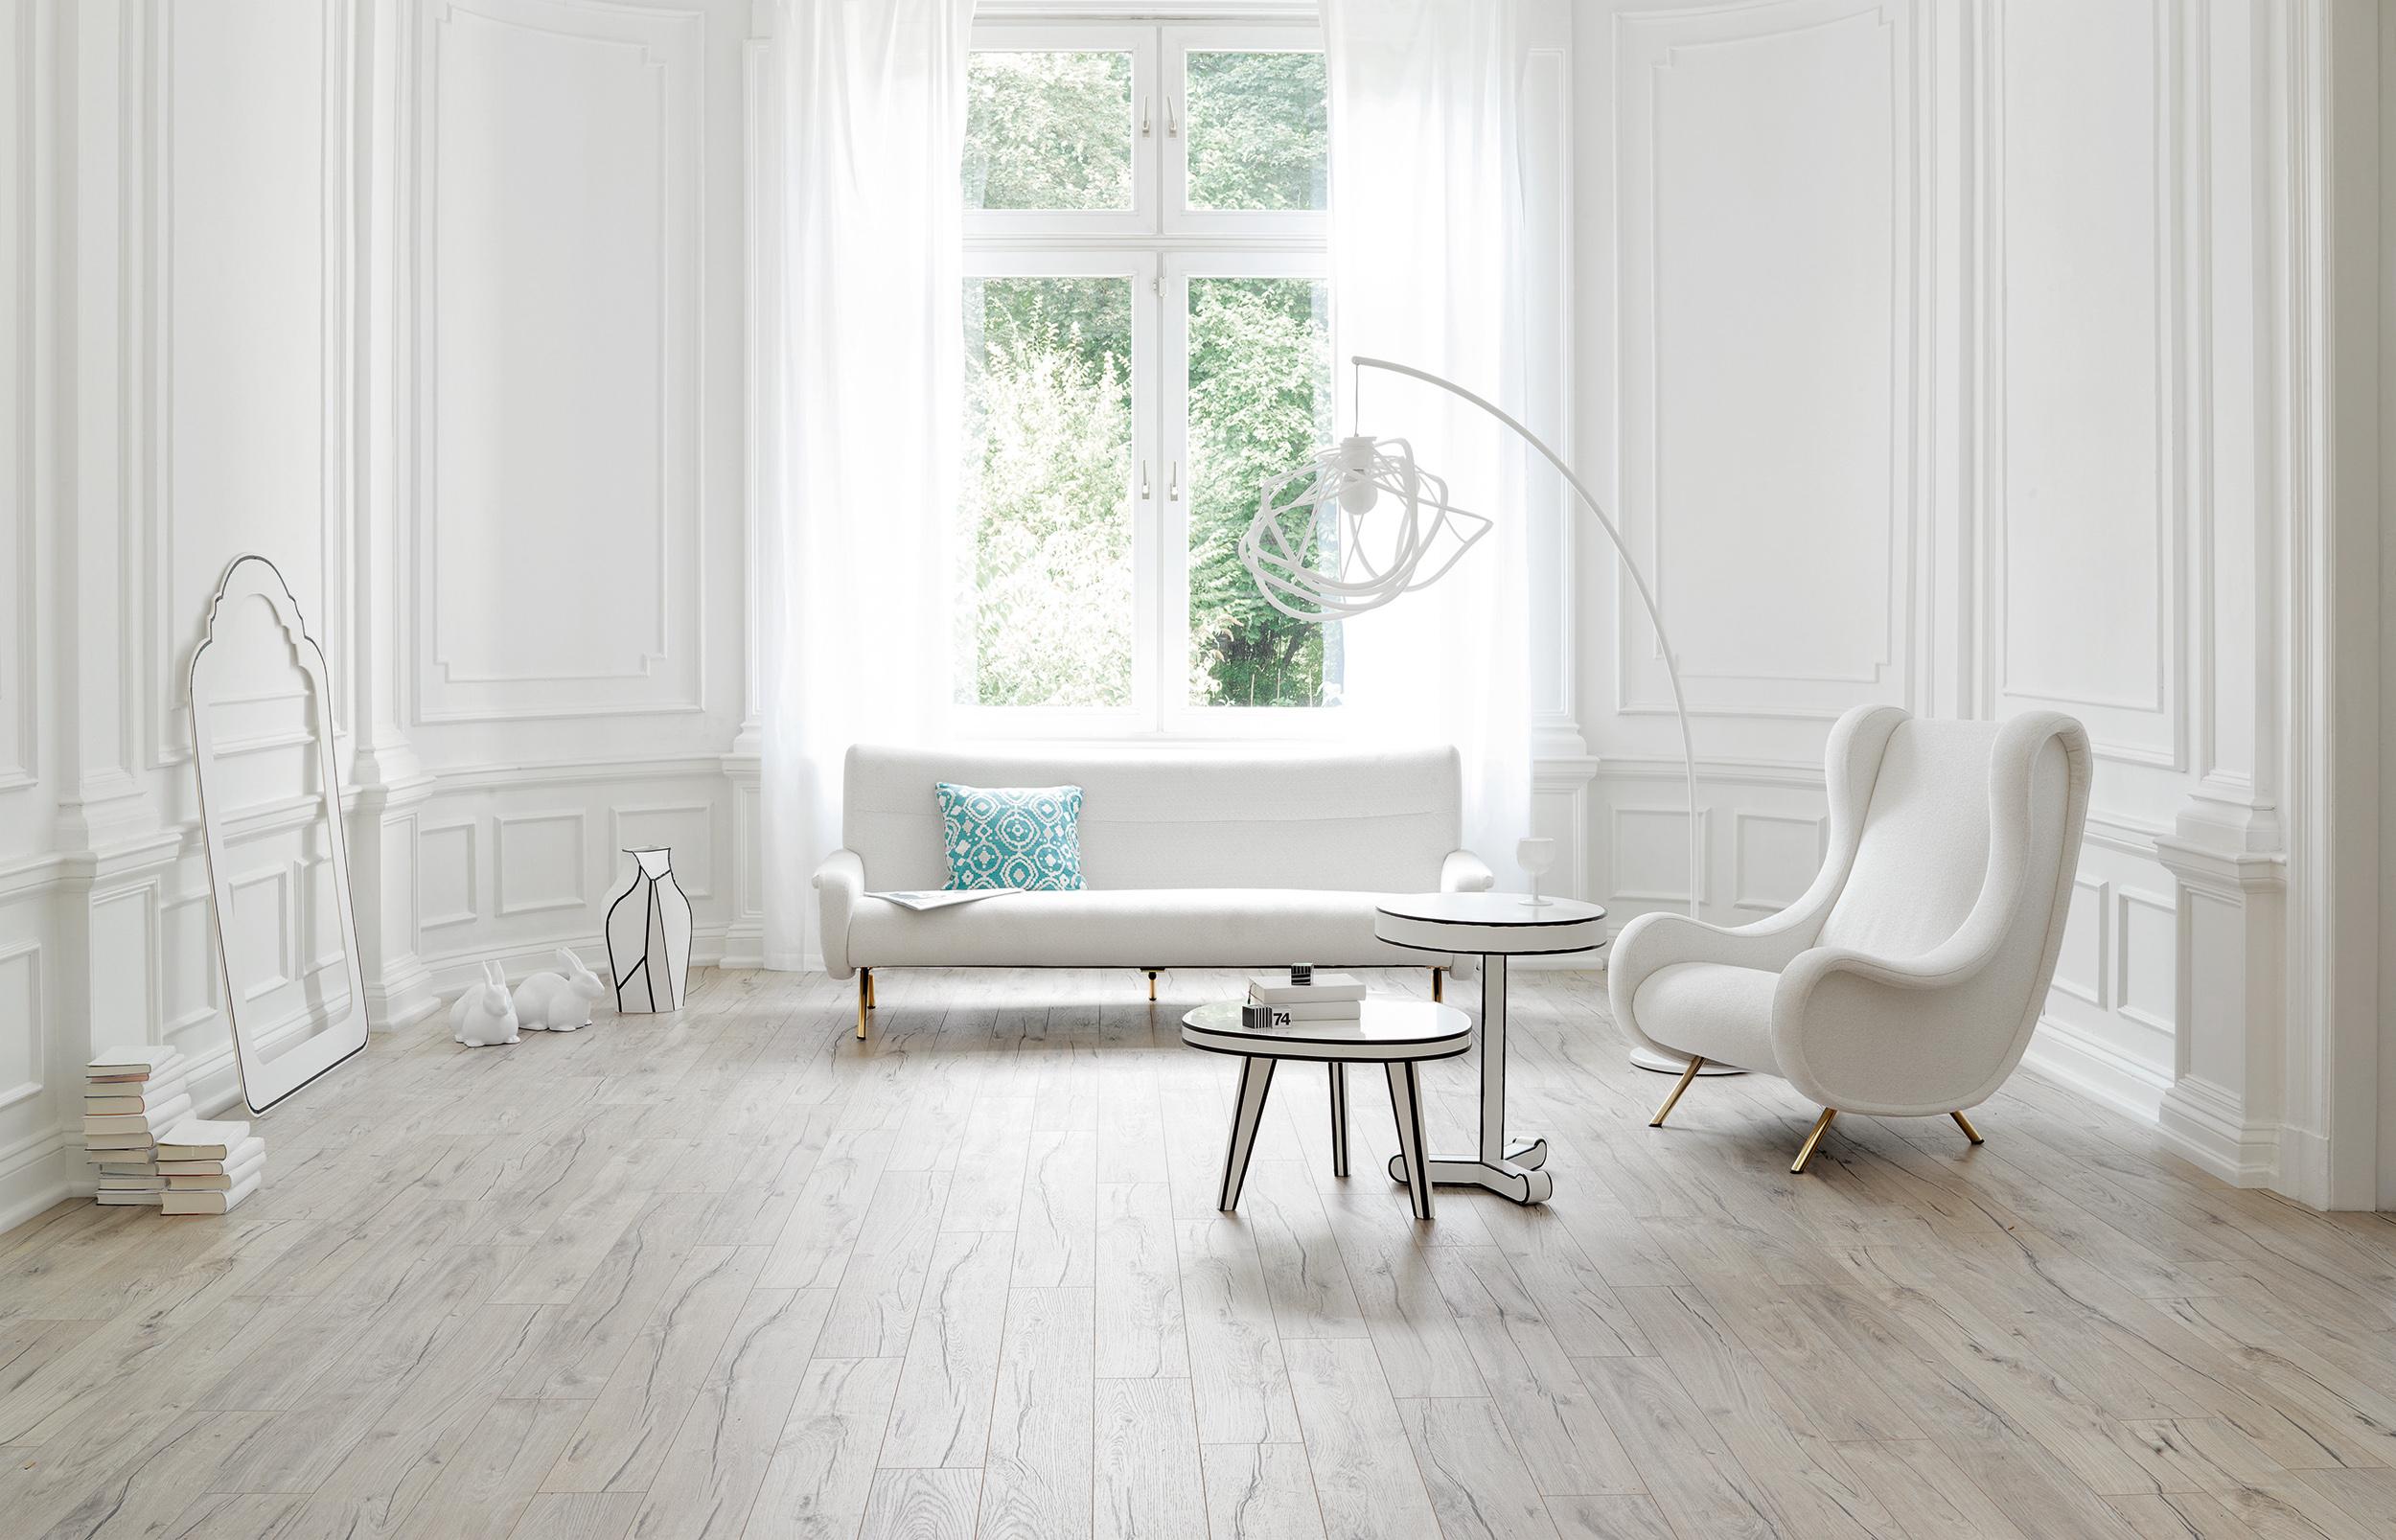 Durch die filigrane Maserung wirkt der helle Fußboden lebendig und schafft einen Kontrast zur einfarbigen Wand. Erzielt werden kann der natürliche Effekt nicht nur mit Echtholz. Laminat oder Holznachbildungen sind ebenso authentisch. Bildquelle: tdx/Parador